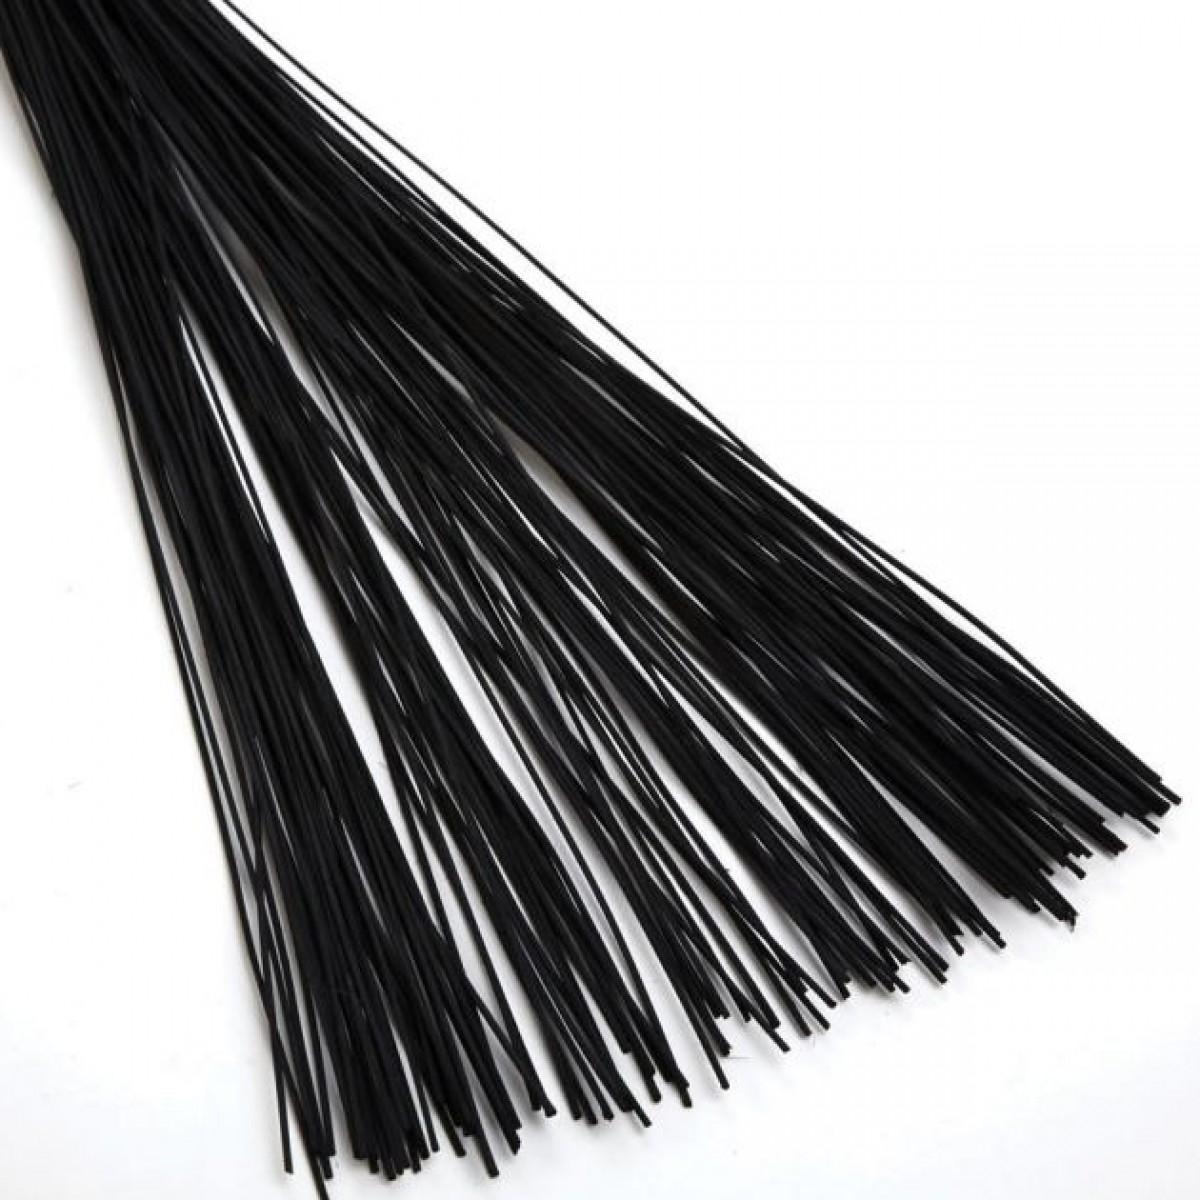 4454 Midelino Stick Black (120-150 Sticks)